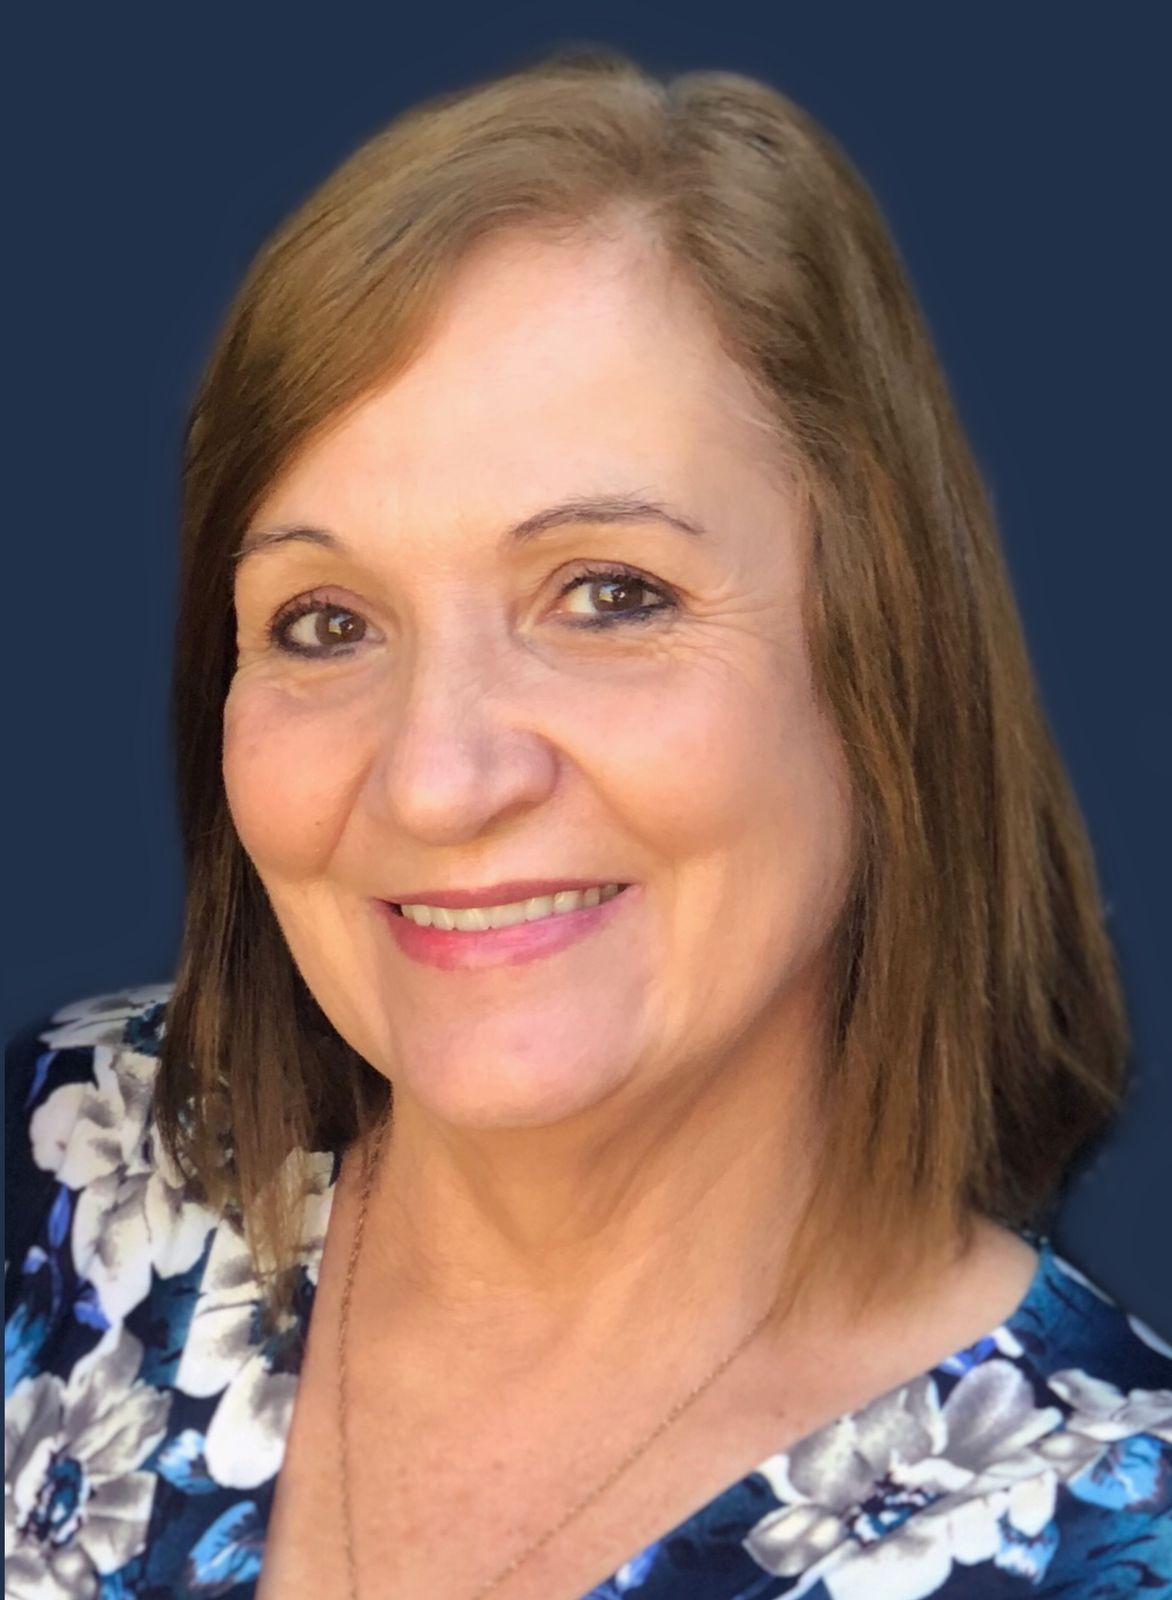 Anne Swart